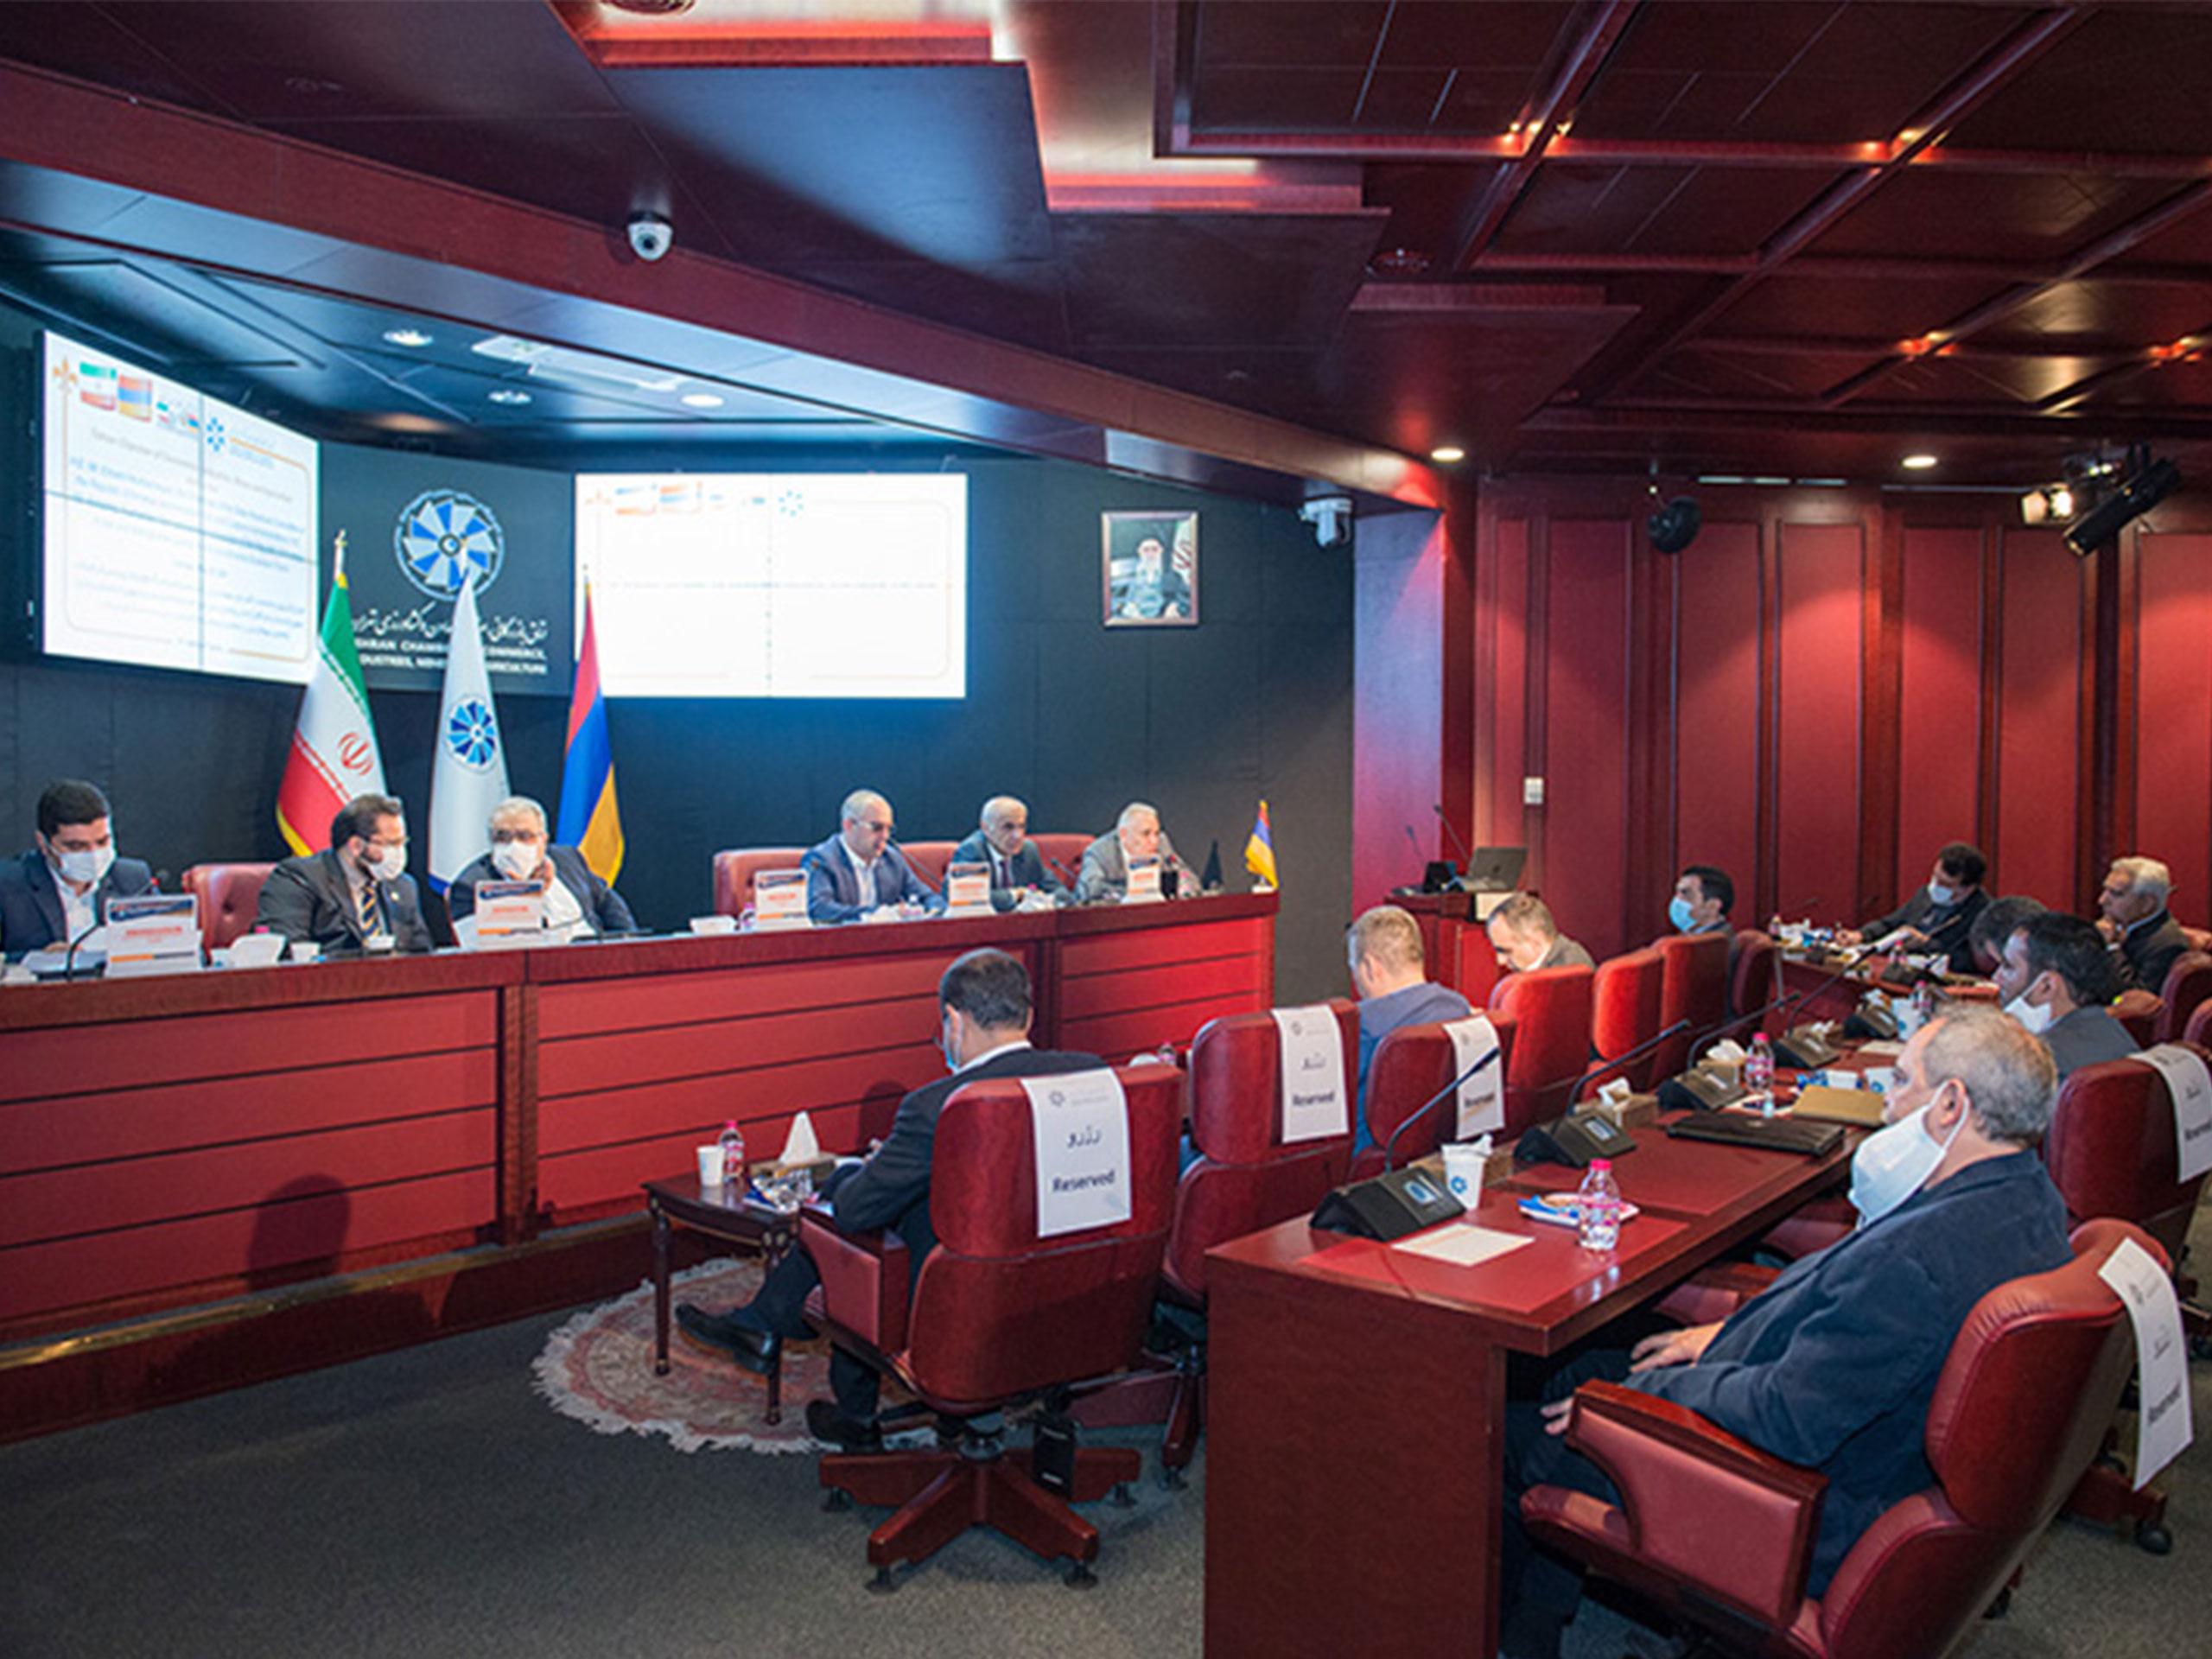 حضور مدیرعامل شرکت زینو تجارت در همایش بررسی فرصت های تجاری ایران و ارمنستان